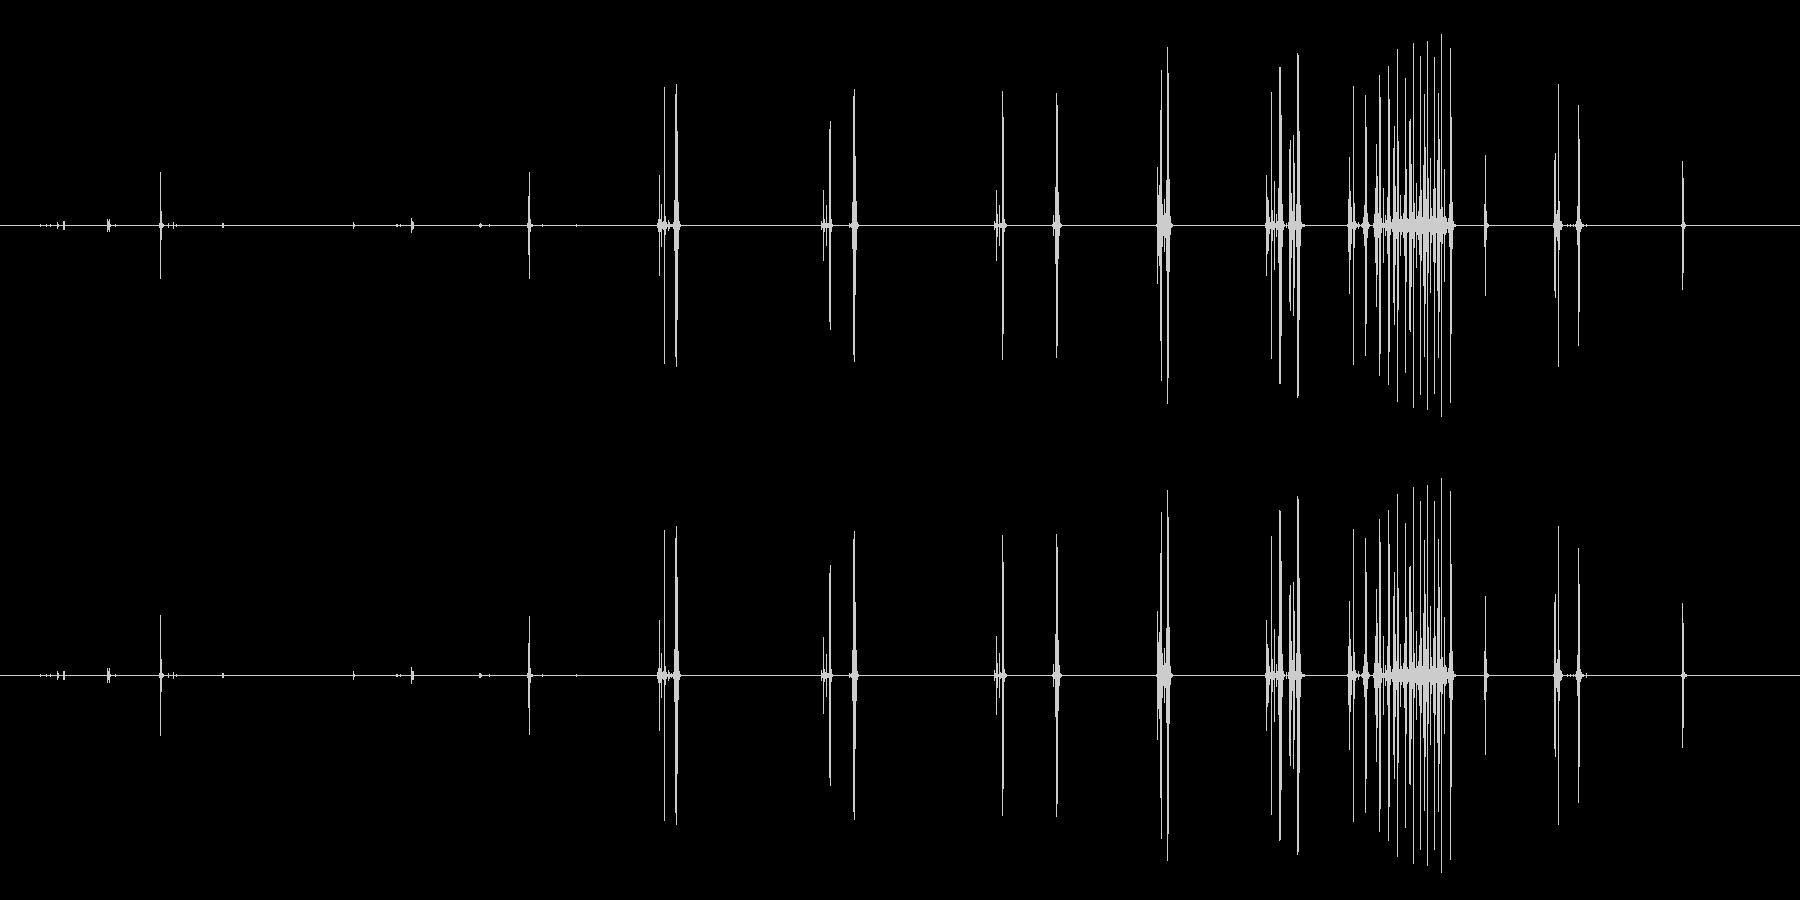 M1カービンライフル:移動。 M1...の未再生の波形